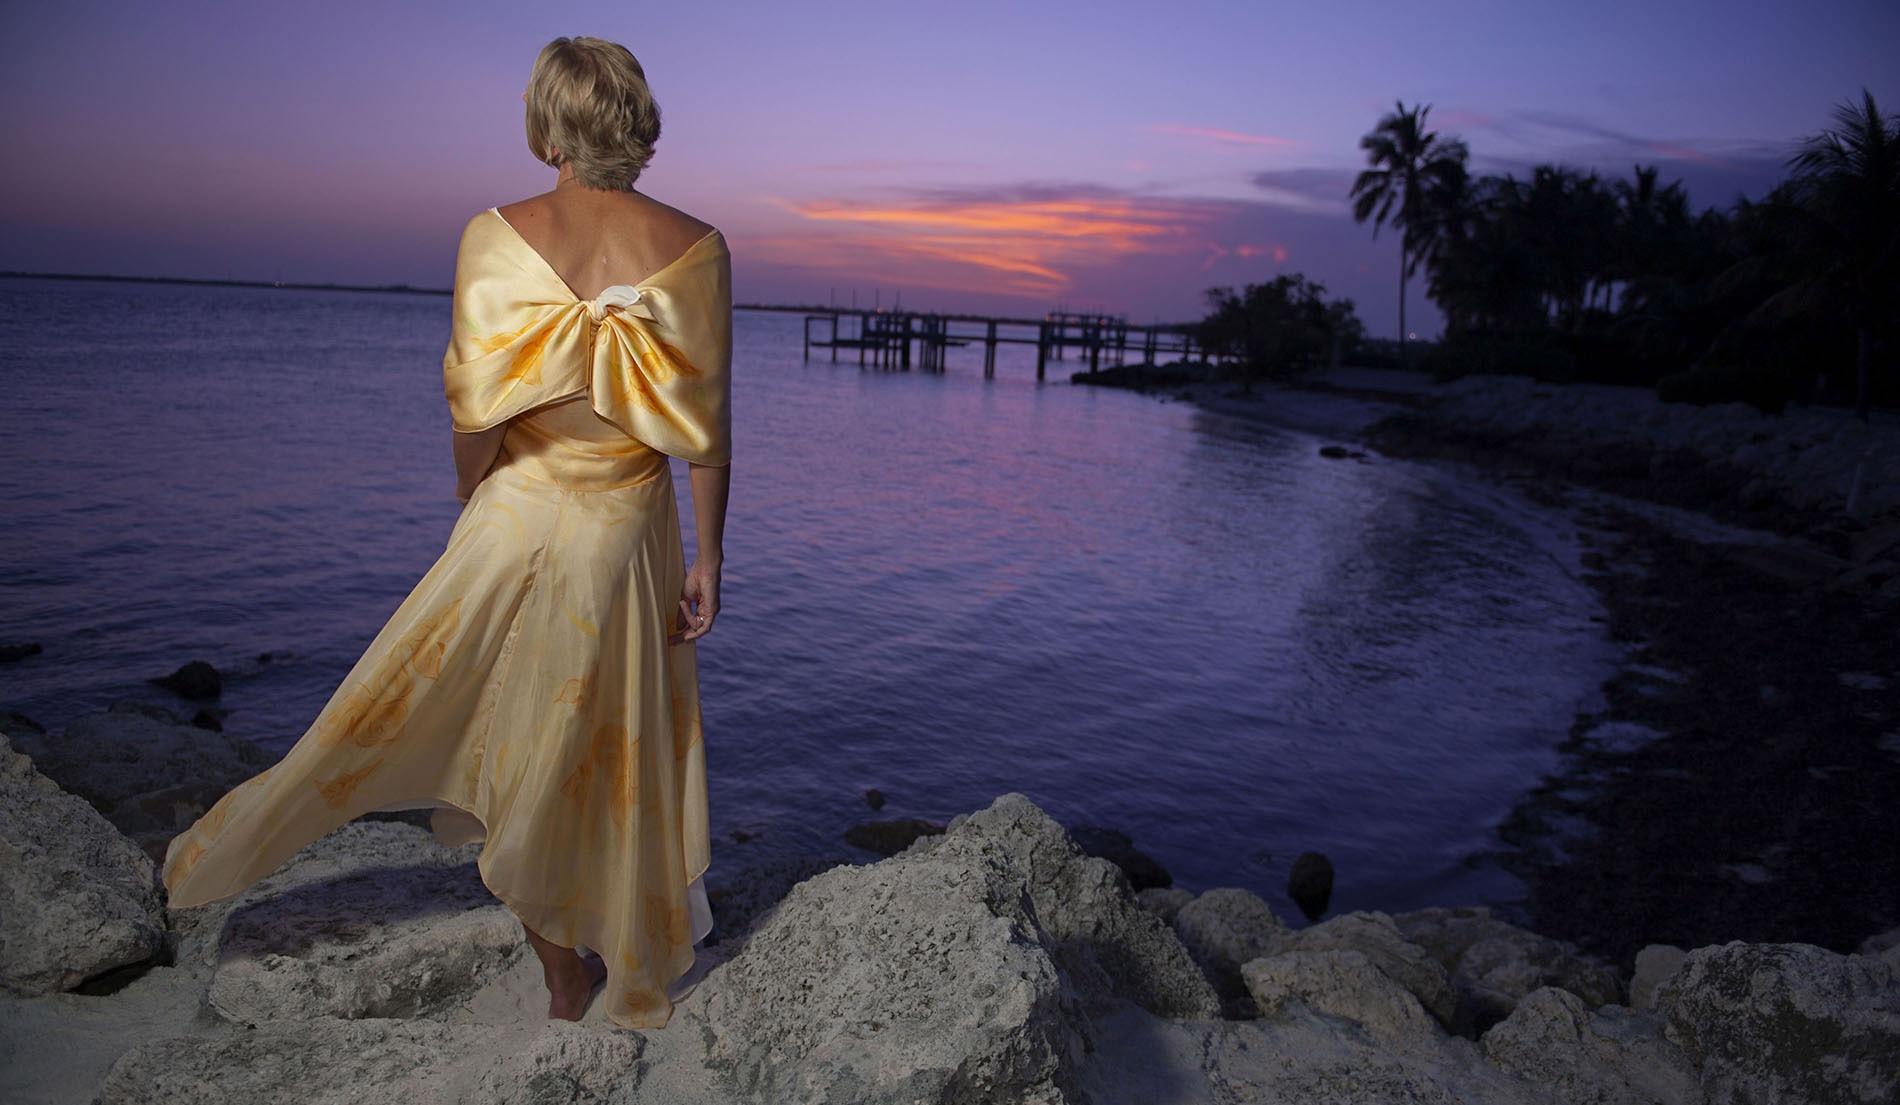 V Neck Beach Inspired Wedding Dresses - Look 3 Back